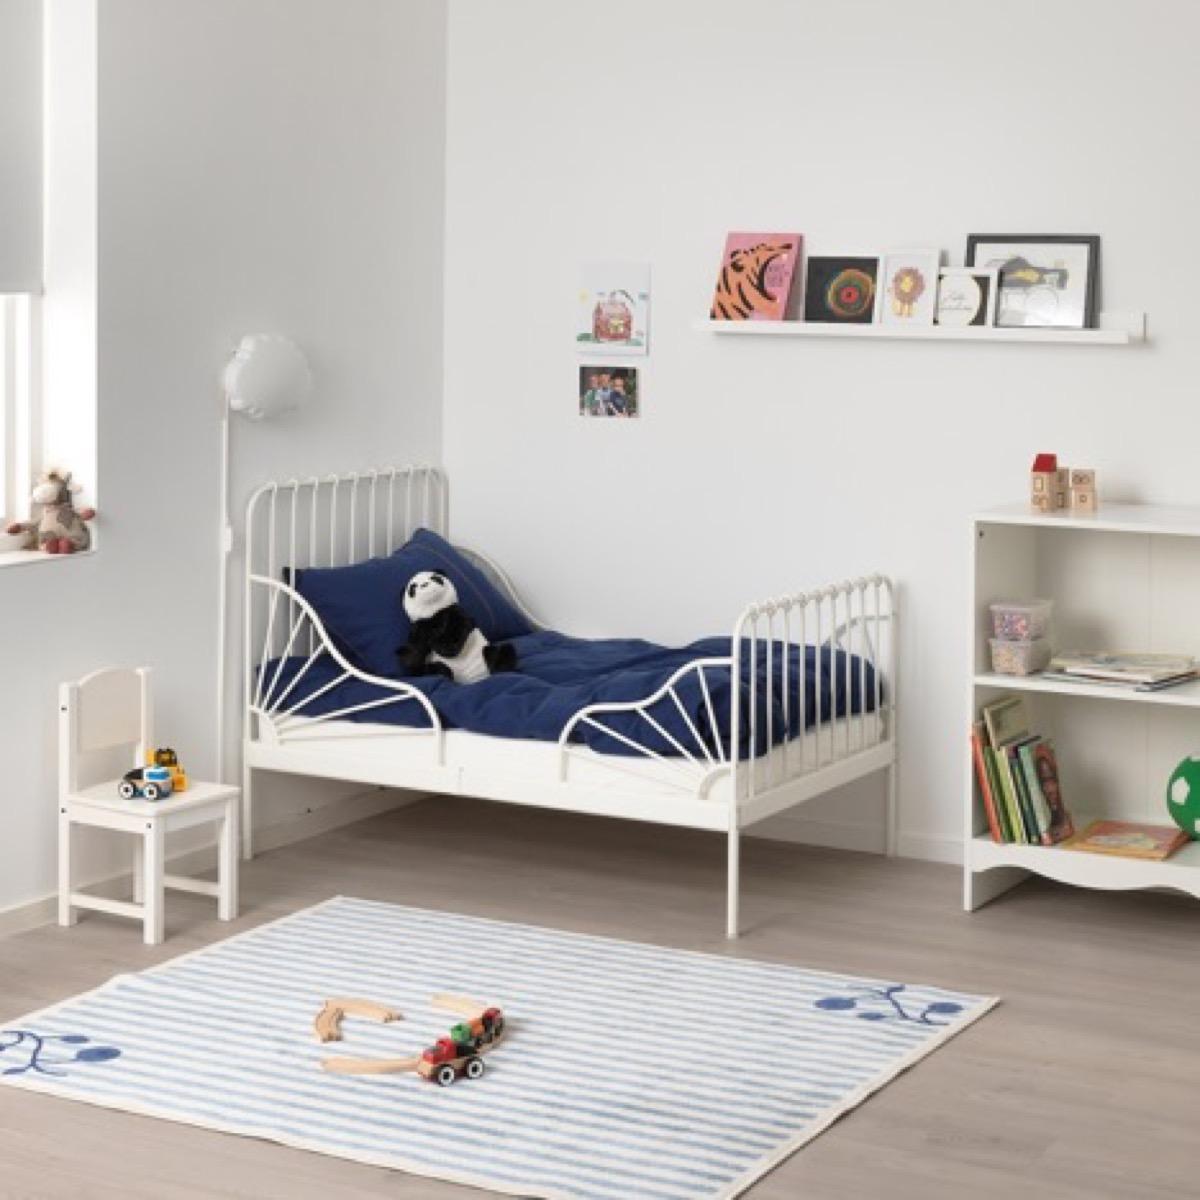 Ikea toddler bed in bedroom